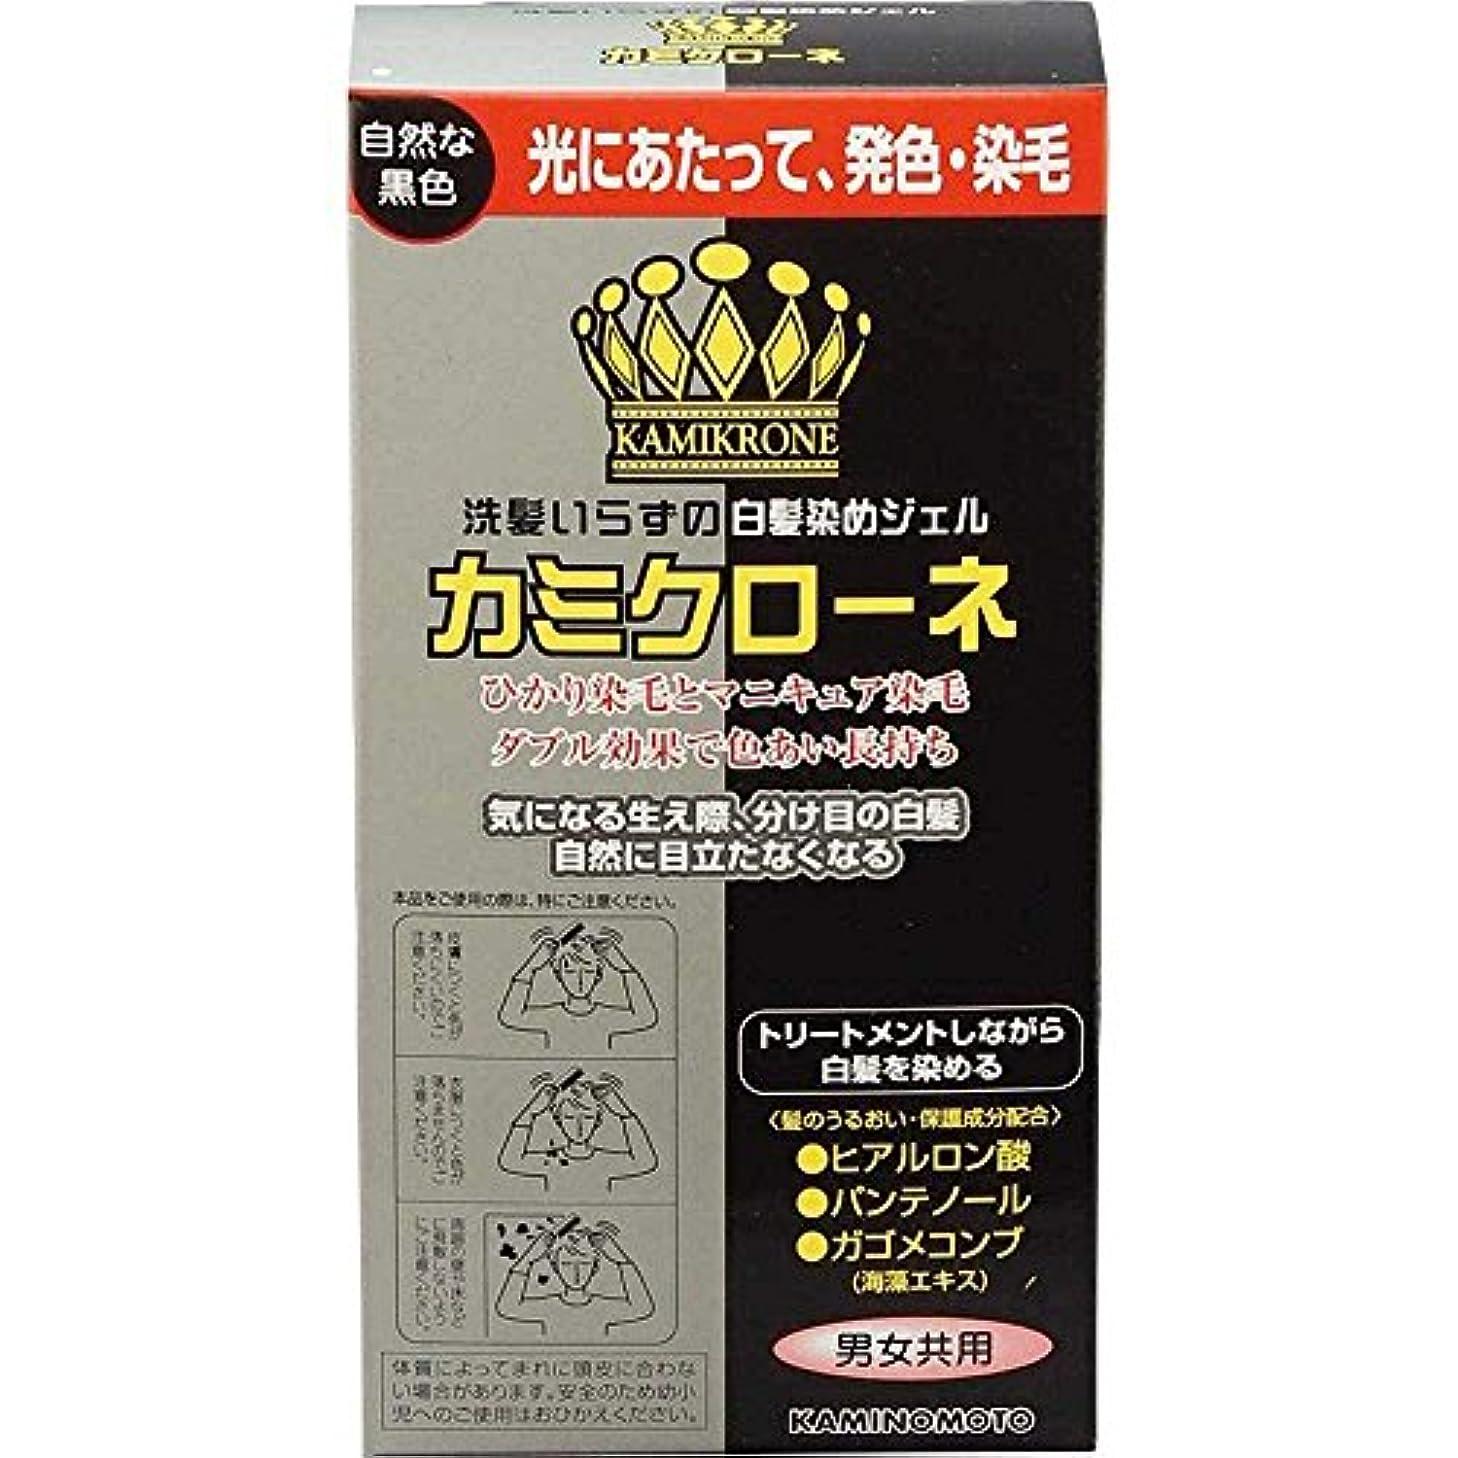 スピーカーポーチゴミ加美乃素 カミクローネ ナチュラルブラック 80ml×6個